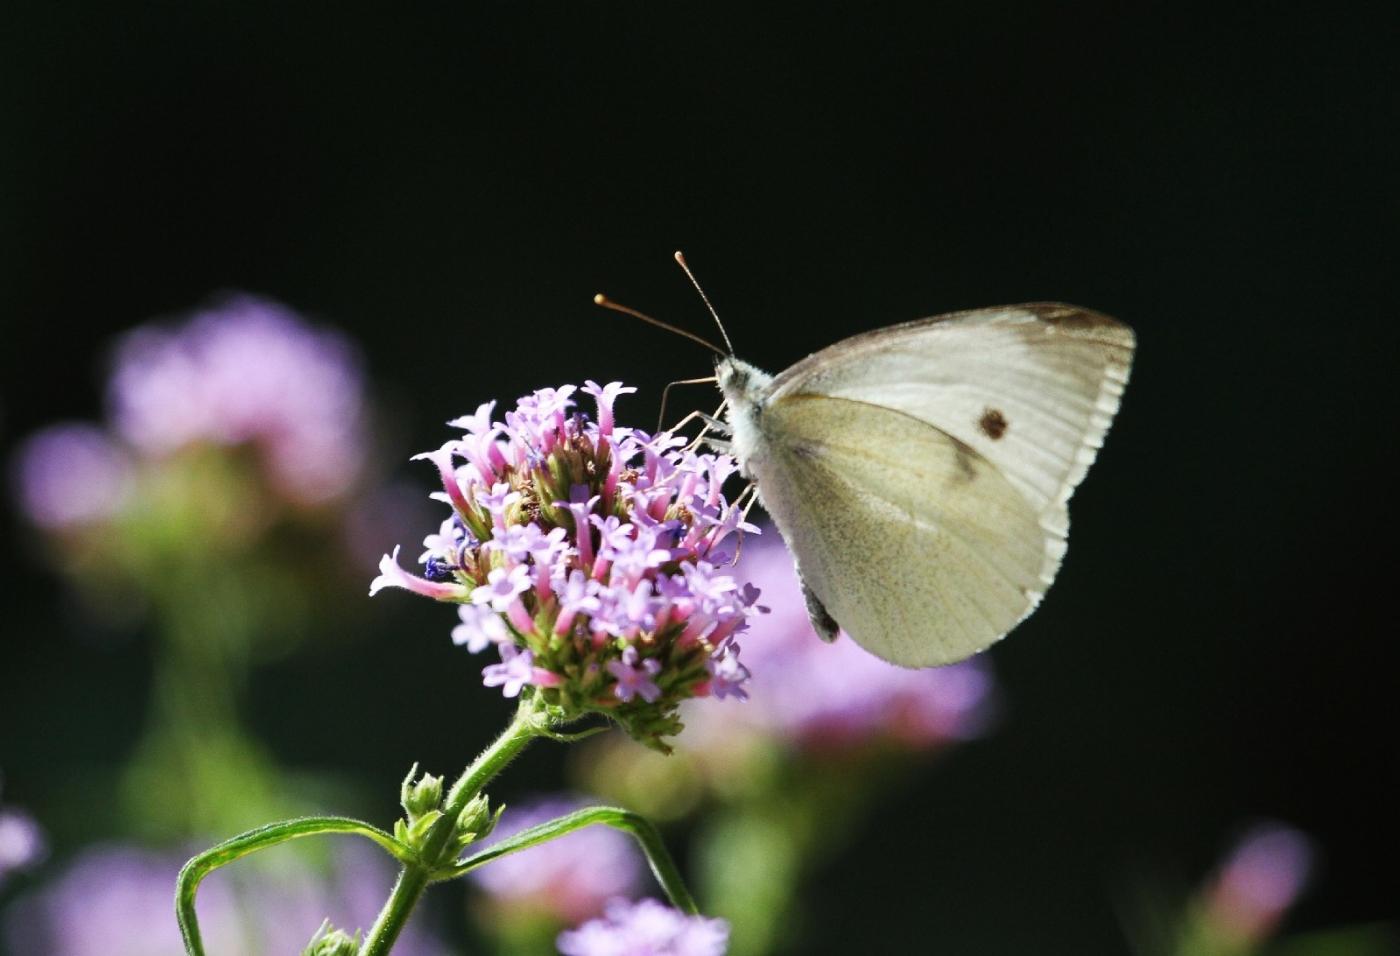 【田螺随拍】我种了马鞭草蝴蝶就来了_图1-8